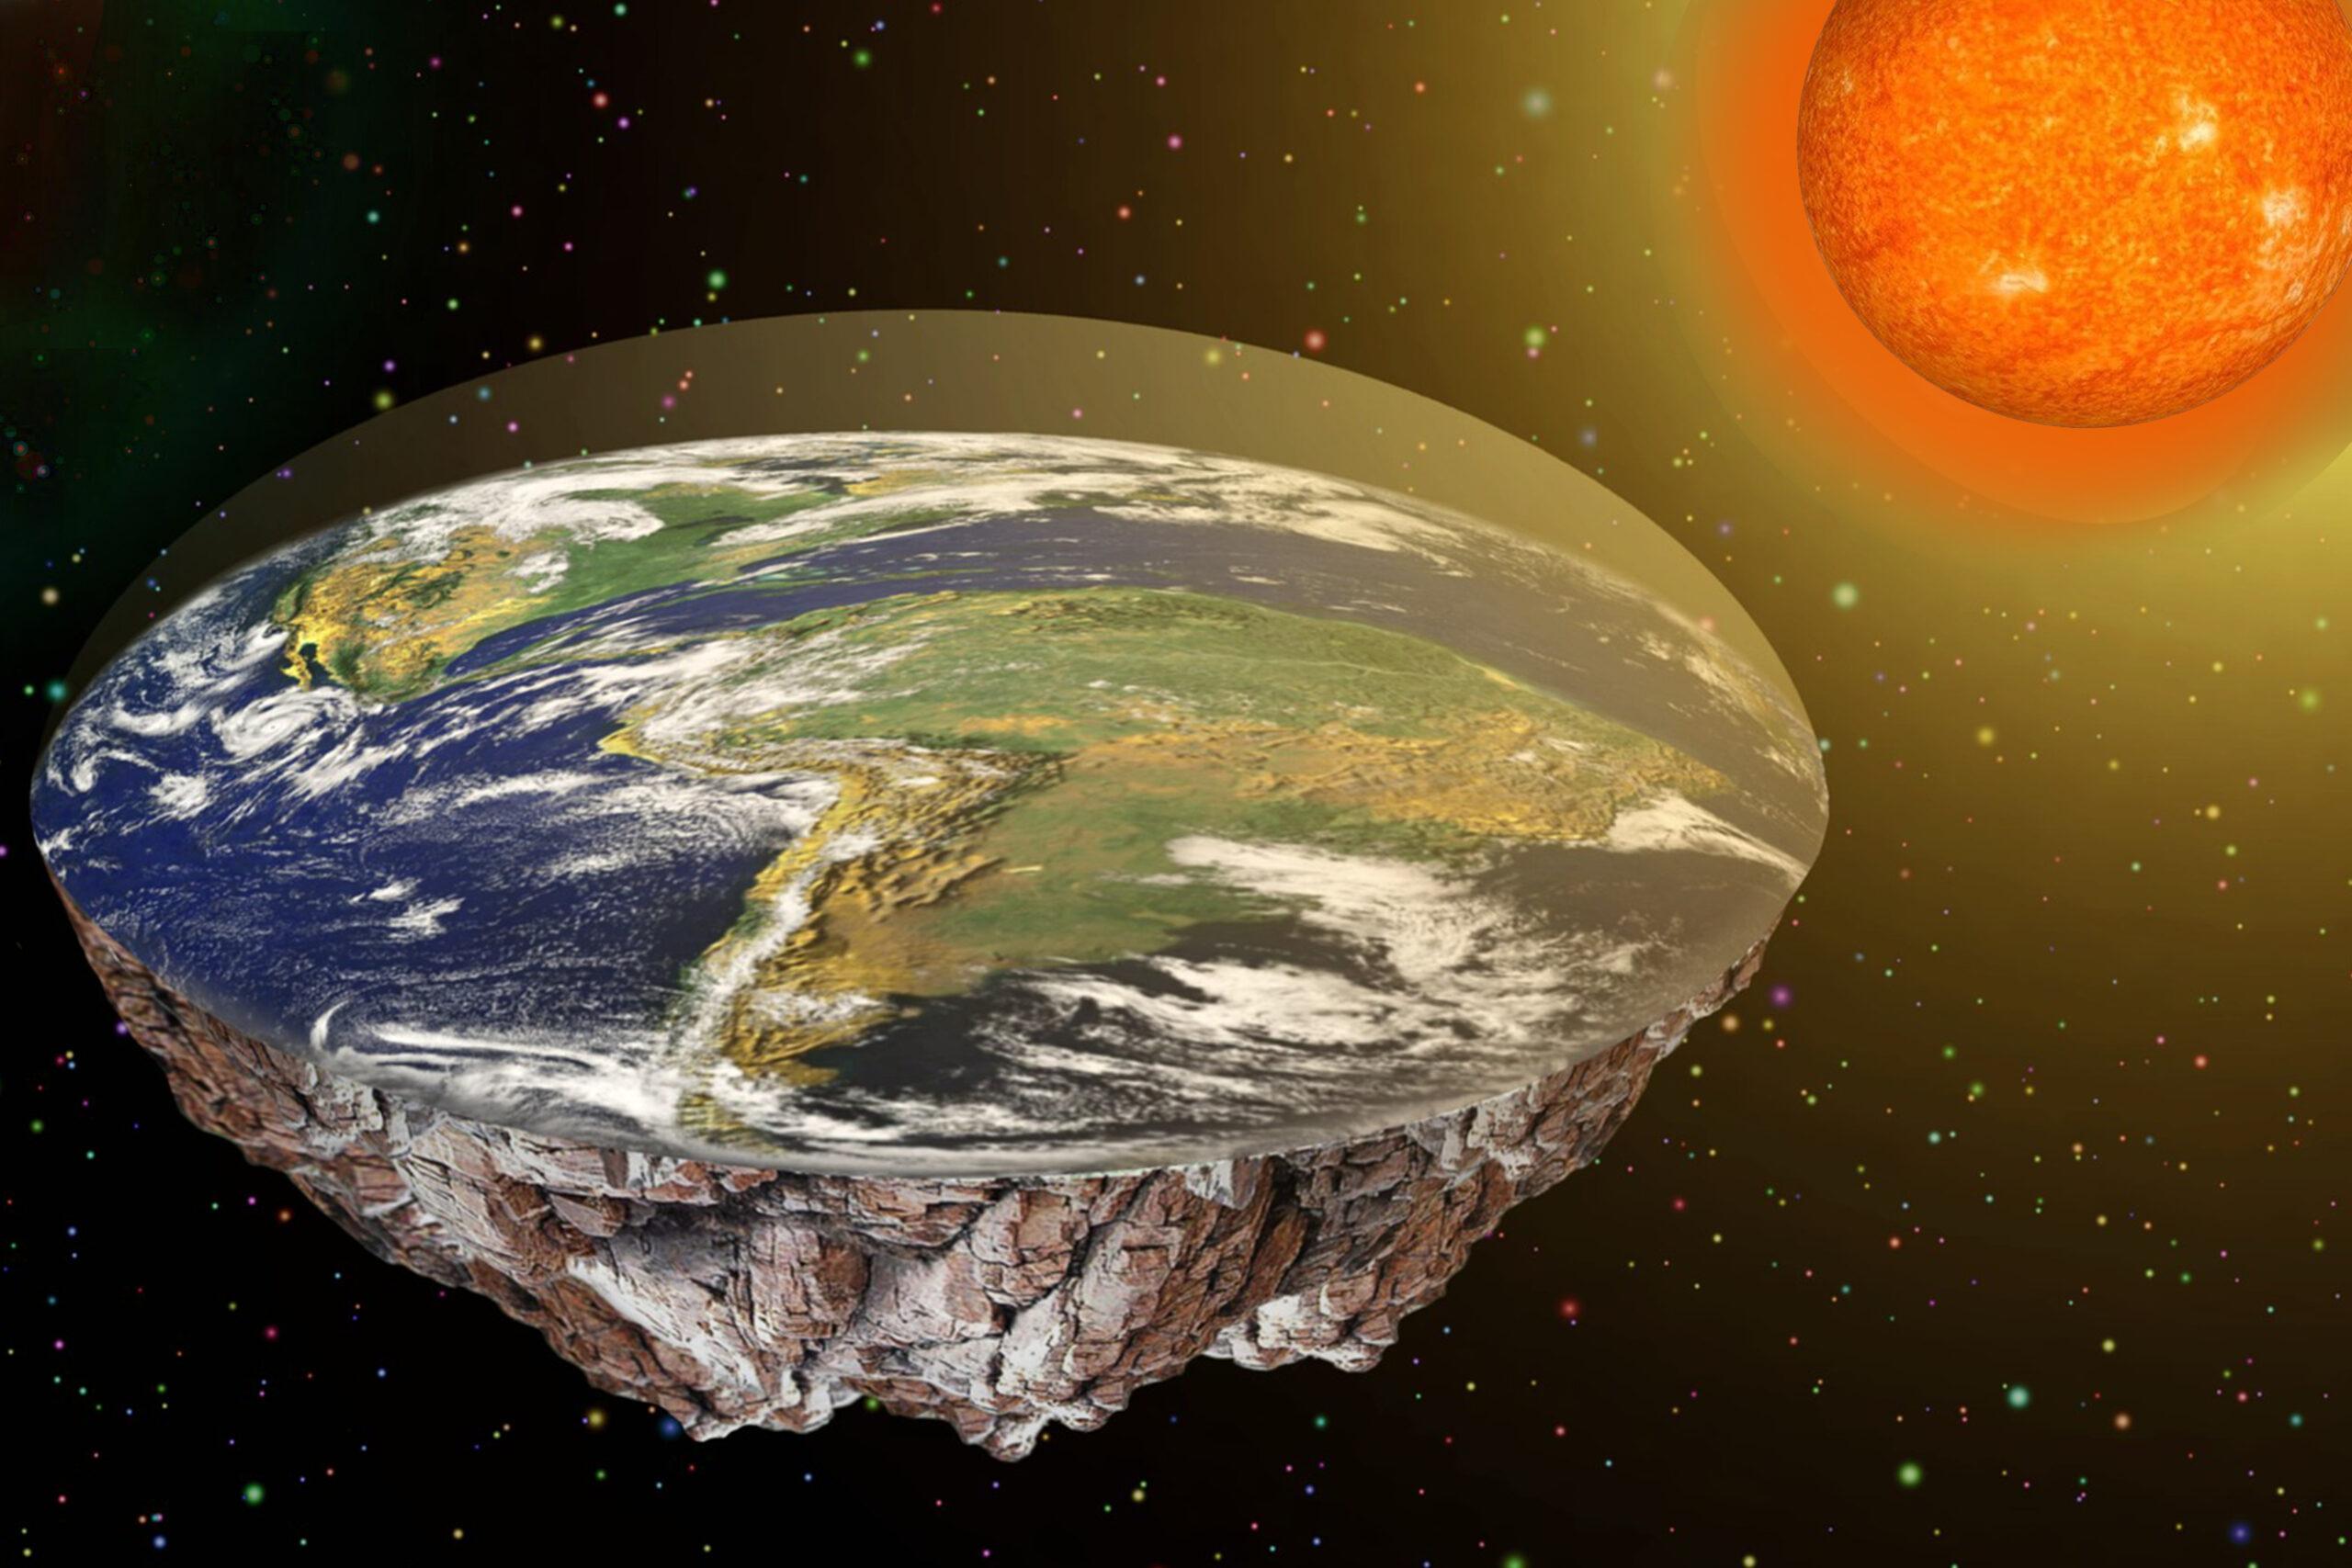 هل من الممكن للأشعة الكهرومغناطيسية القادمة من الشمس أن تحمل الحرارة إلى الأرض ؟